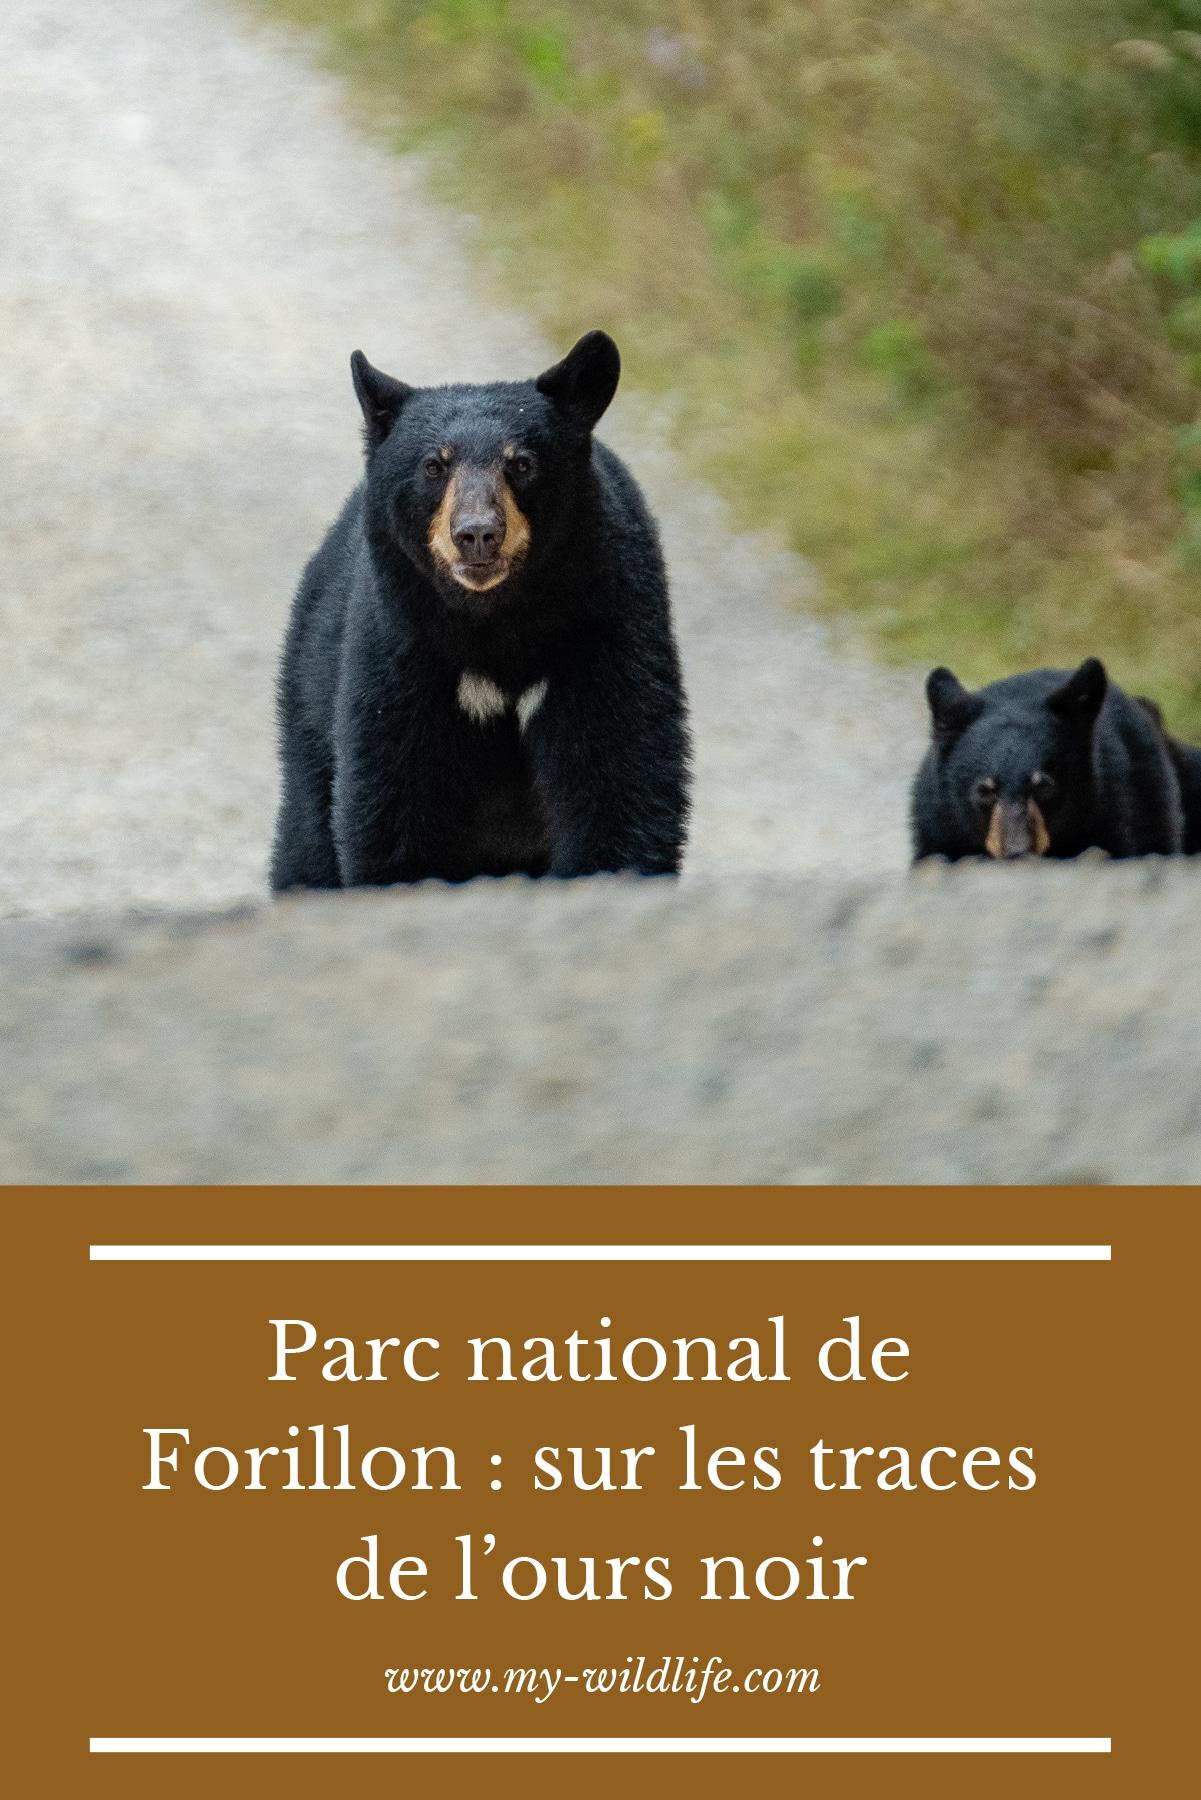 Parc-national-de-Forillon-_-sur-les-traces-de-l'ours-noir-01